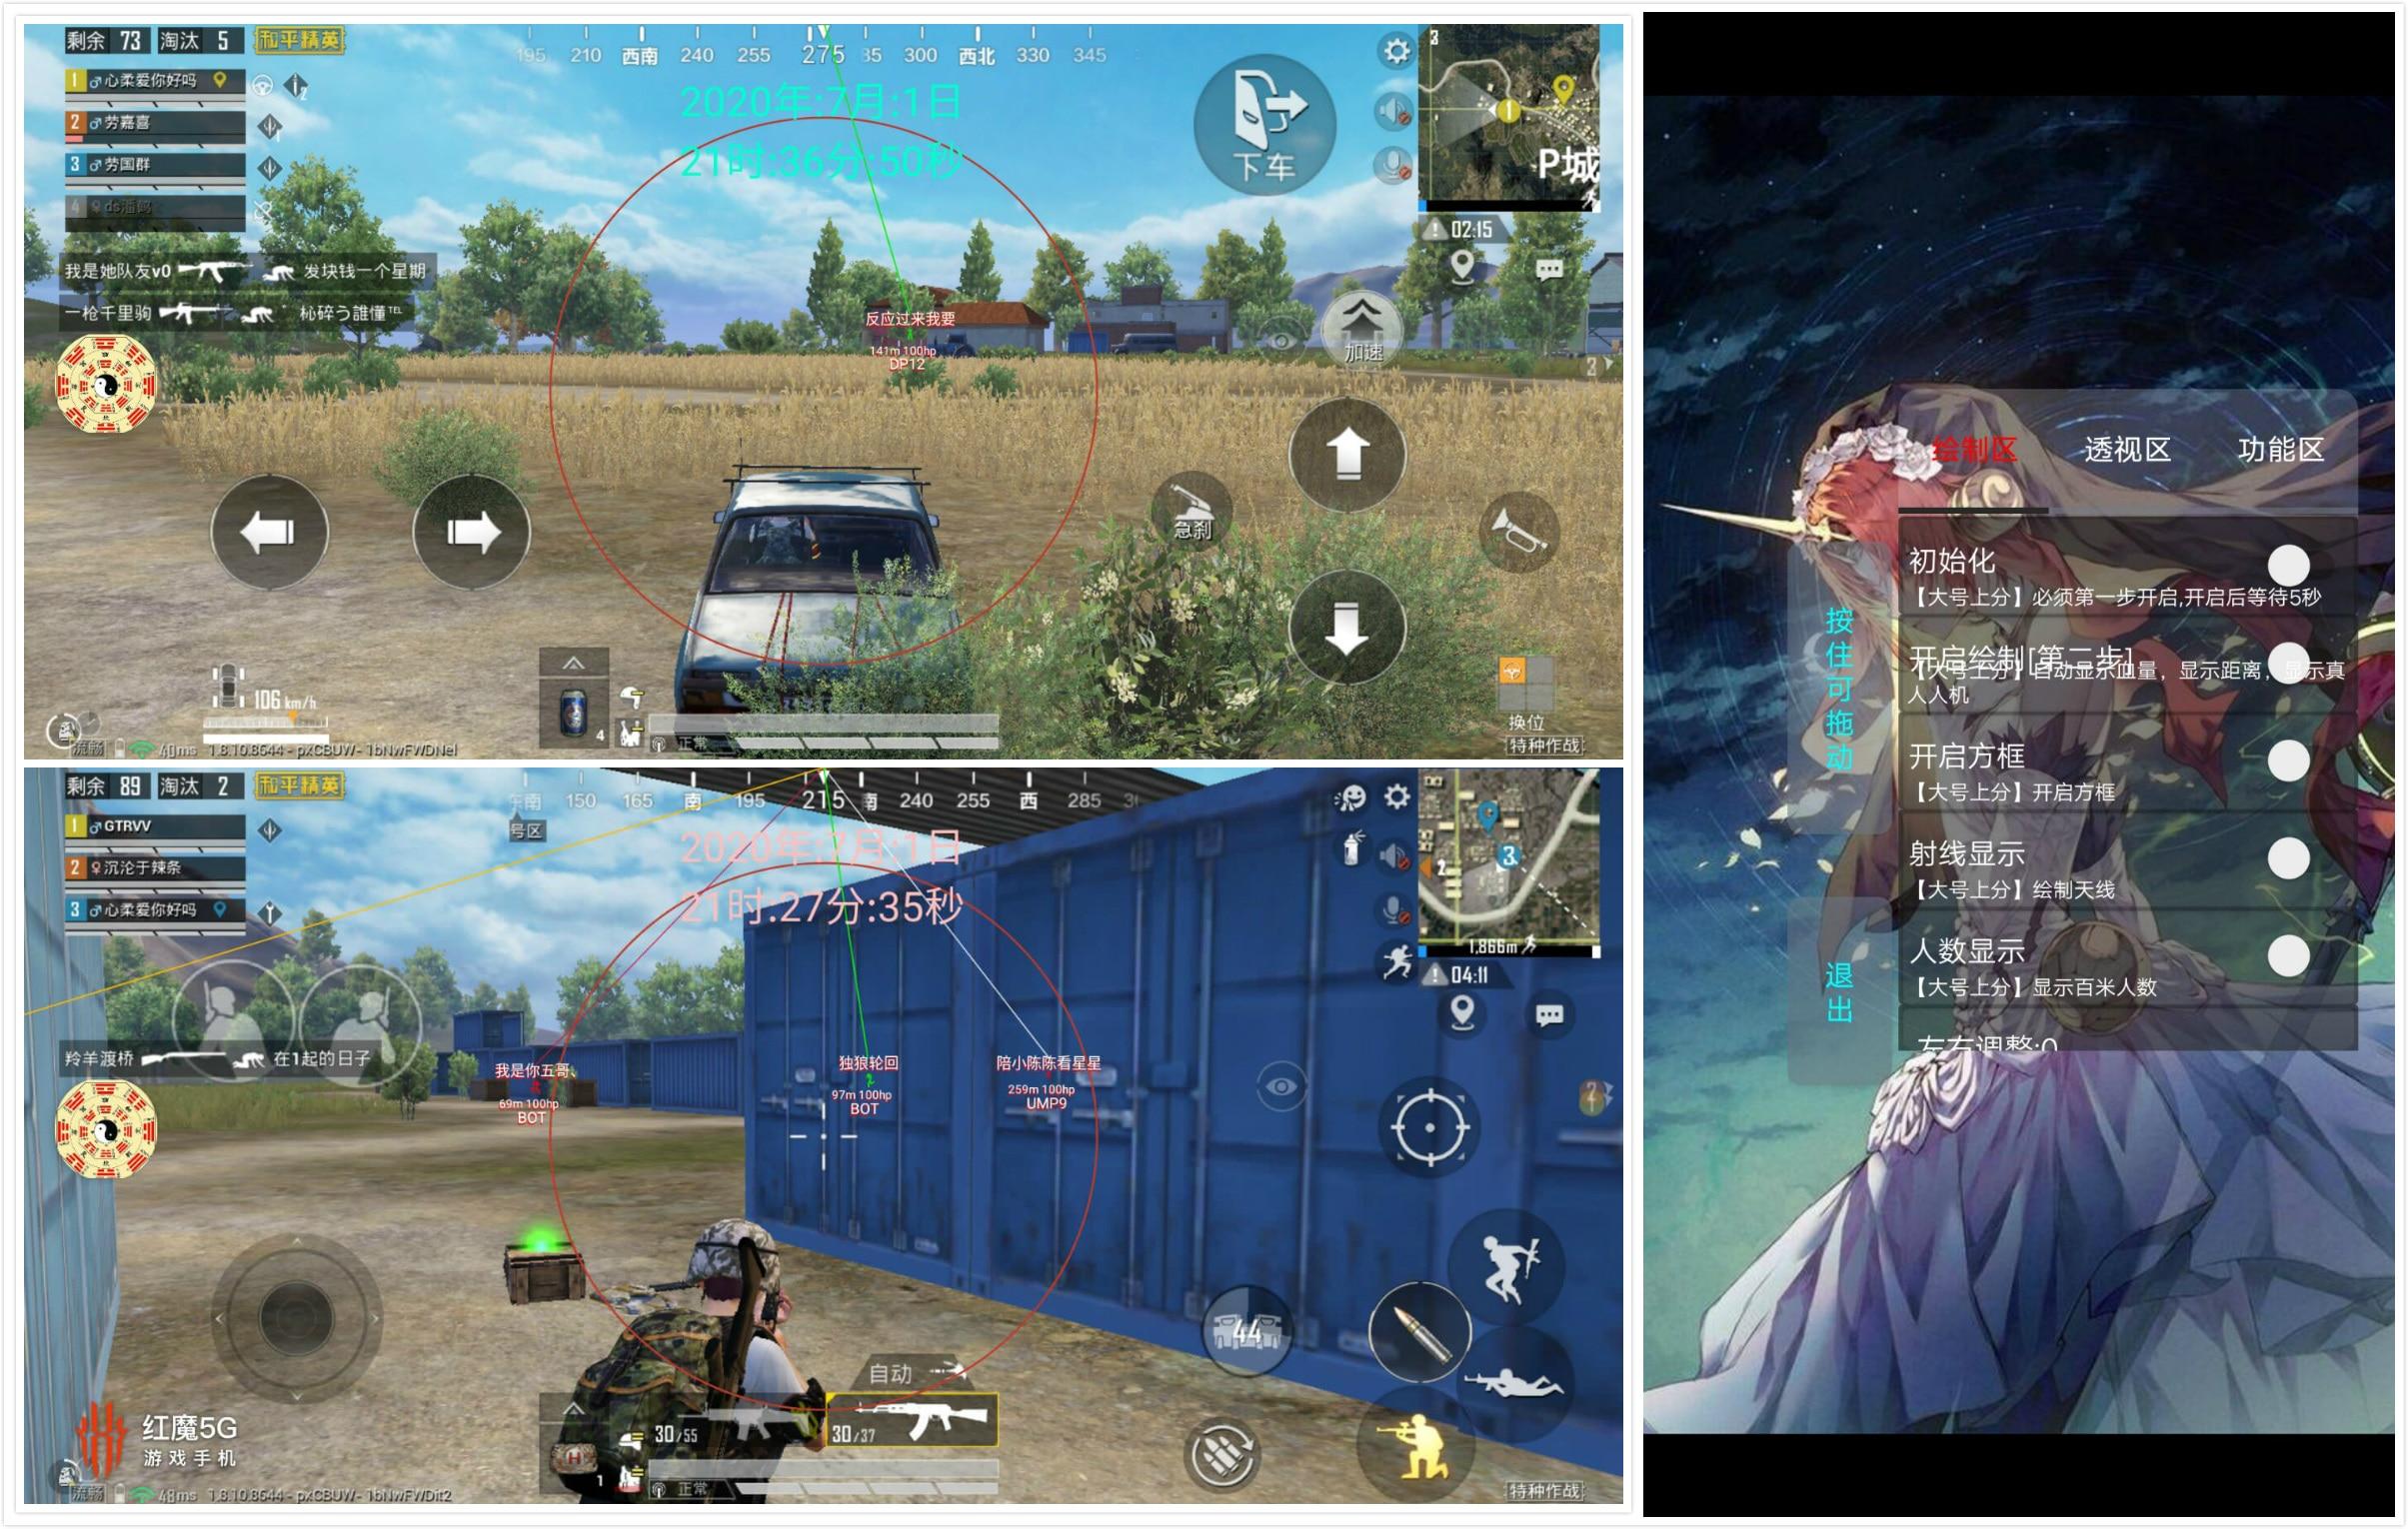 和平精英手游DM助手 v2.1绘制透视自瞄/多功能/破解版